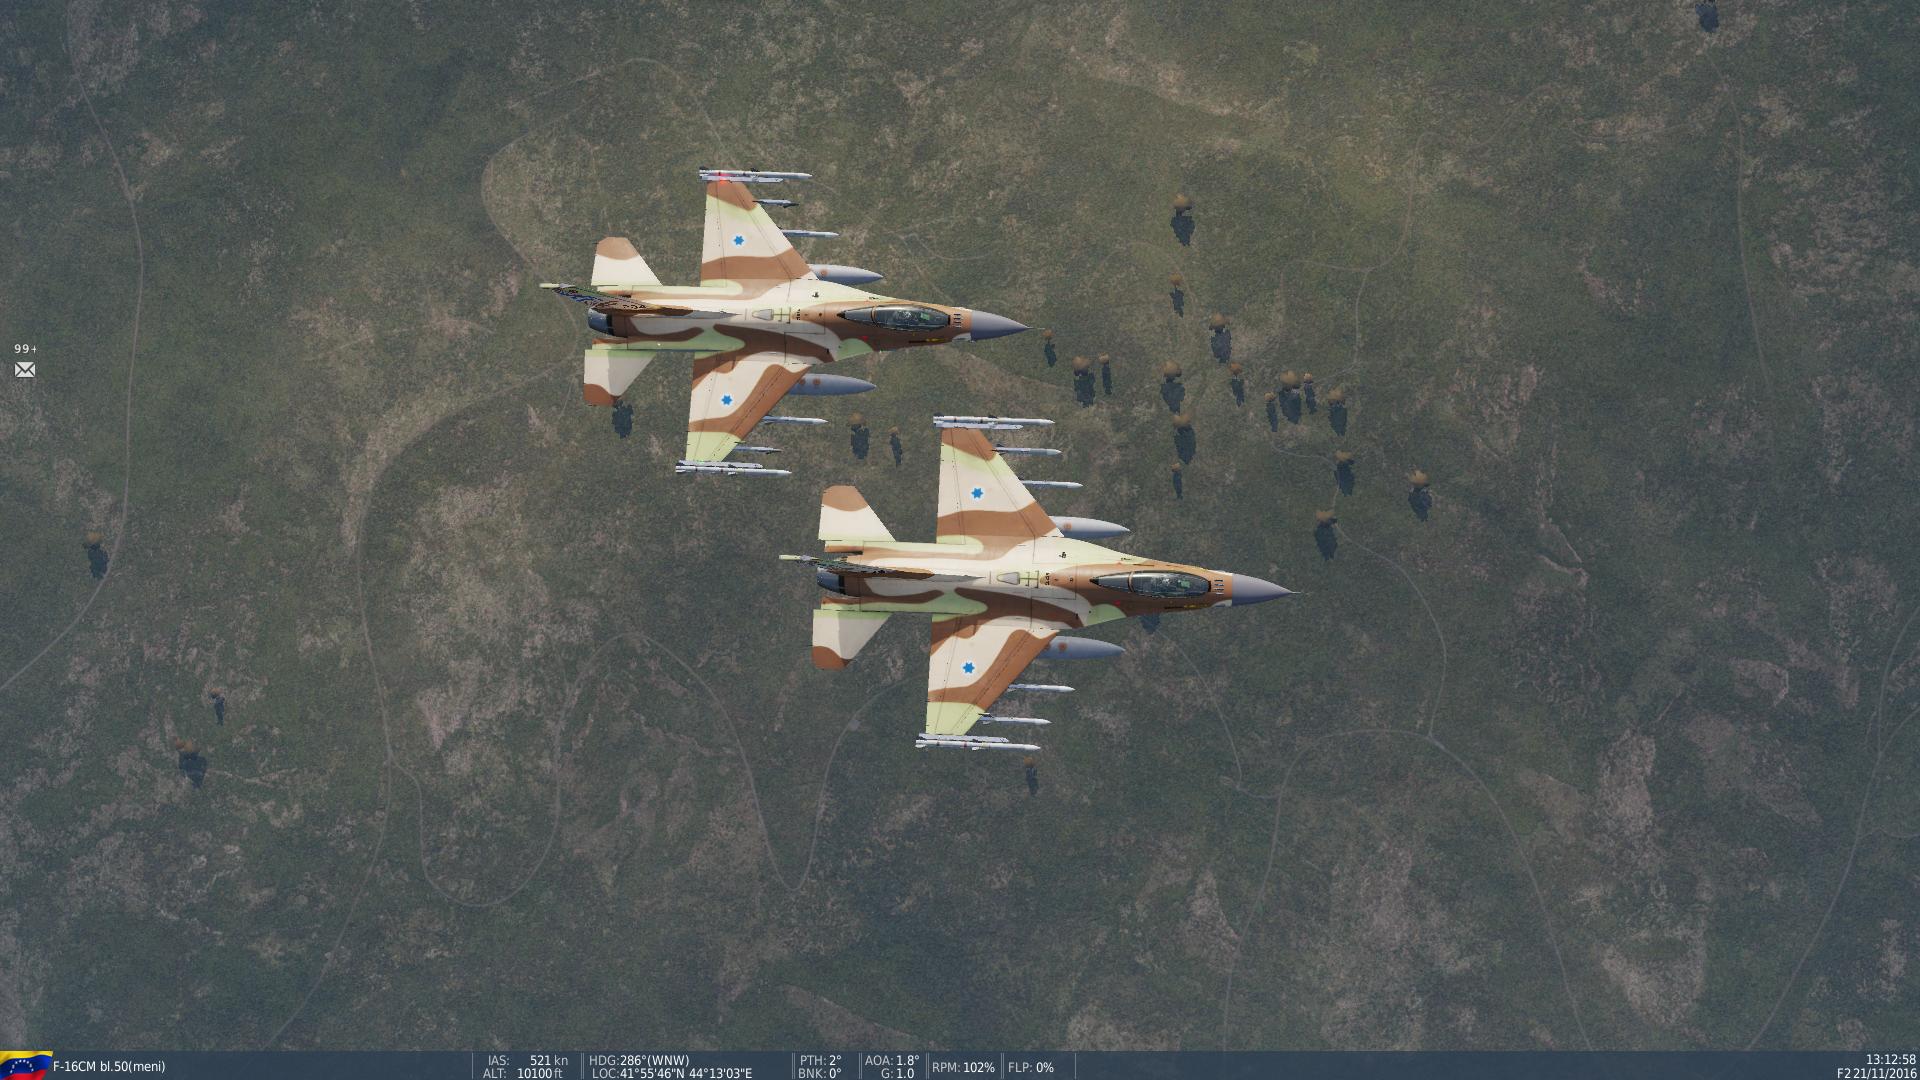 טיסת מבנה עם אחד הטייסים הכי מוכשרים שהכרתי אי פעם בDCS